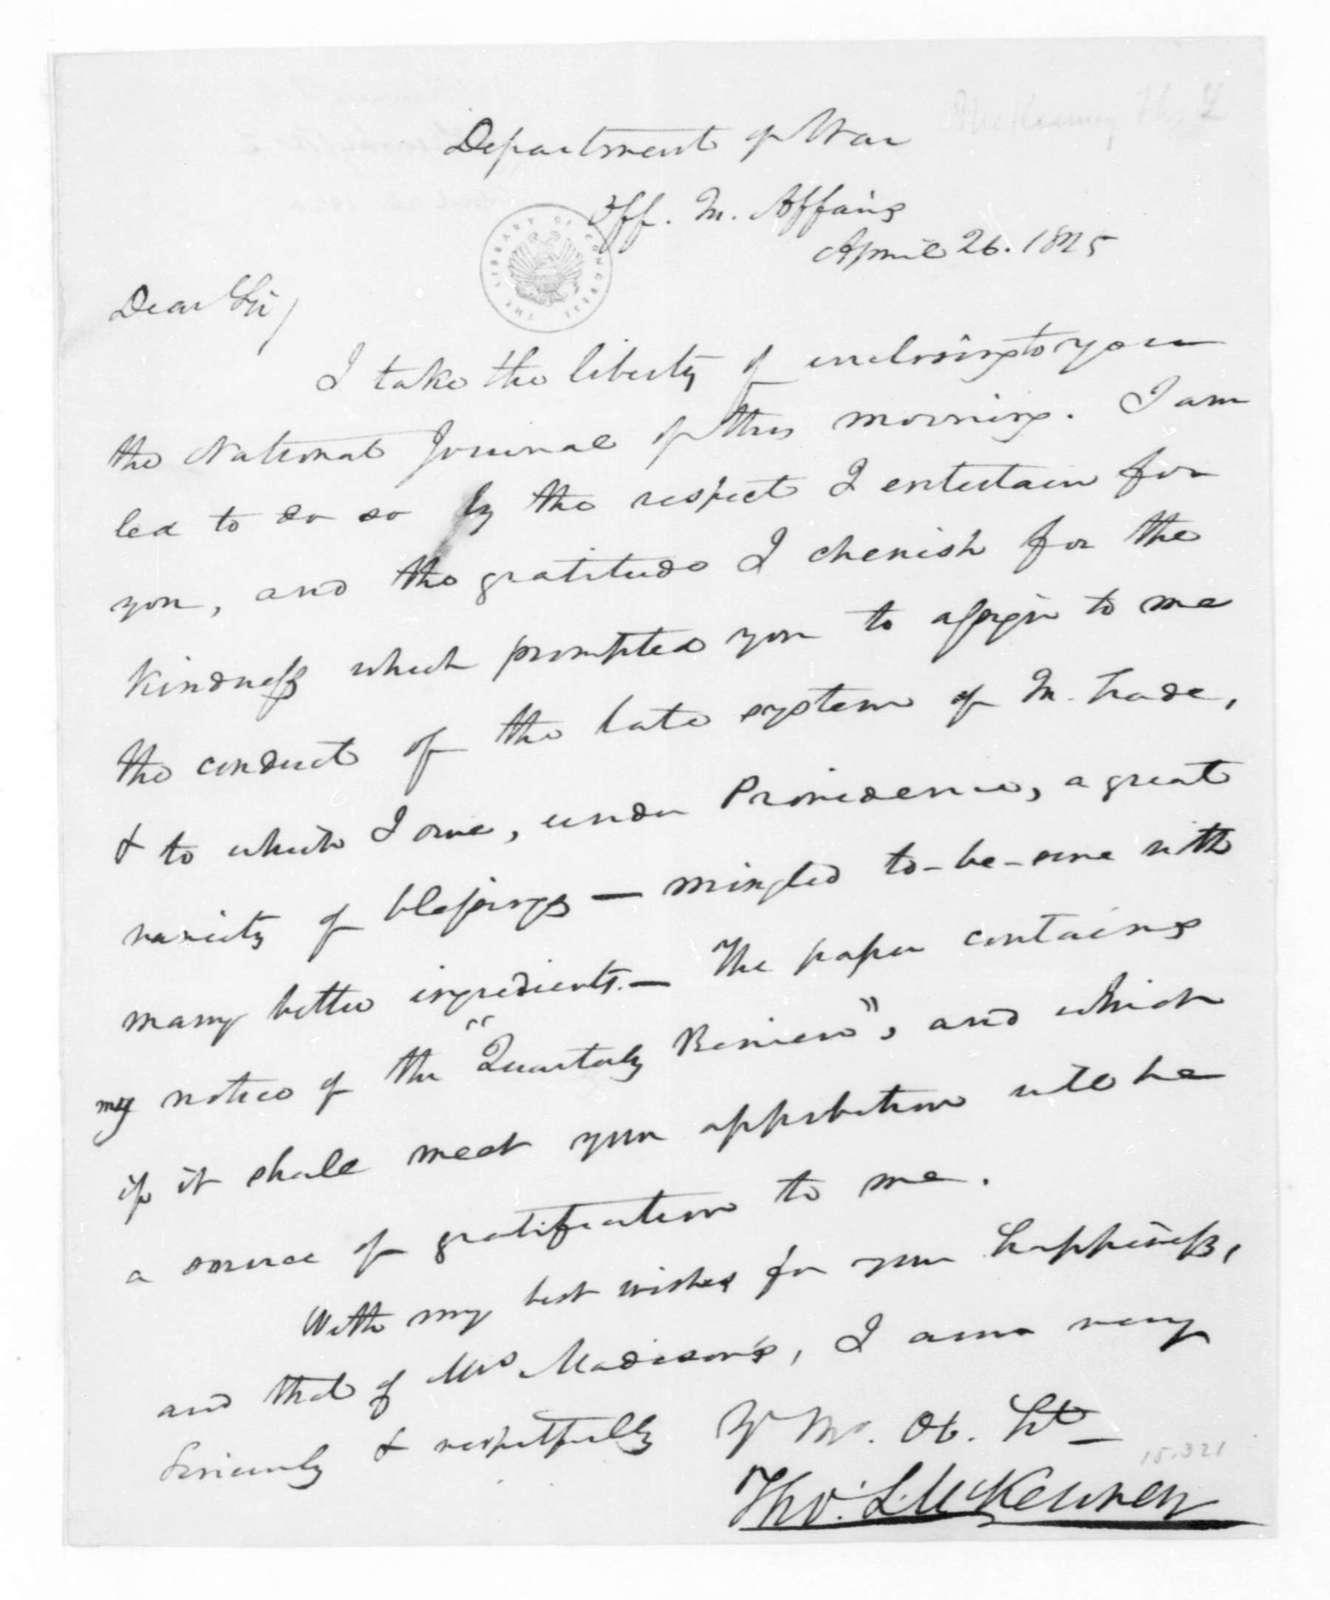 Thomas L. McKenney to James Madison, April 26, 1825.